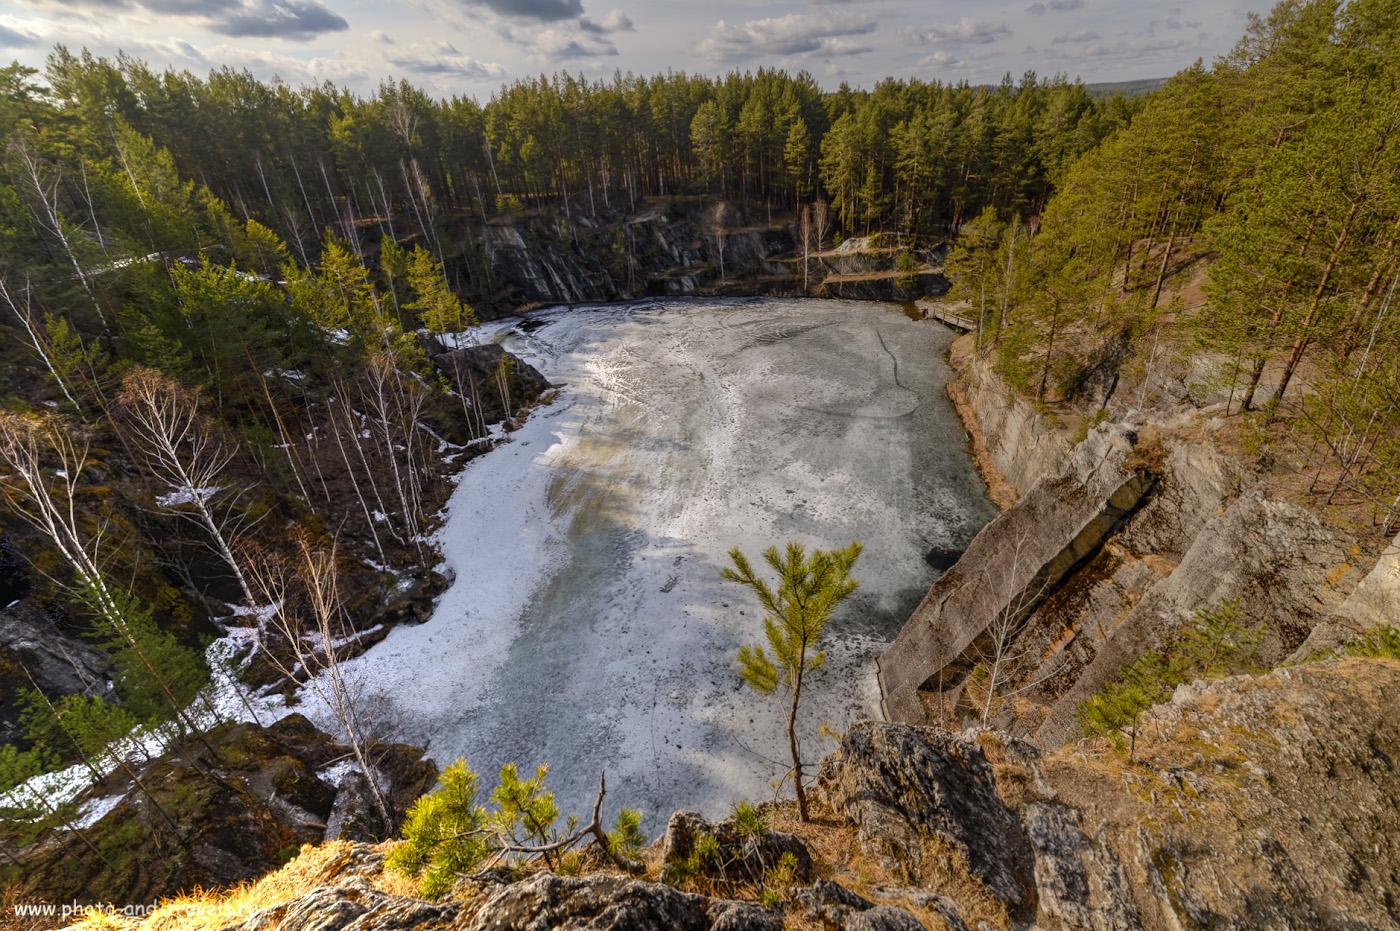 Фотография 35. Вид на озеро Тальков камень с самой высокой точки. HDR из трех кадров. 1/200, 8.0, 100, 14.